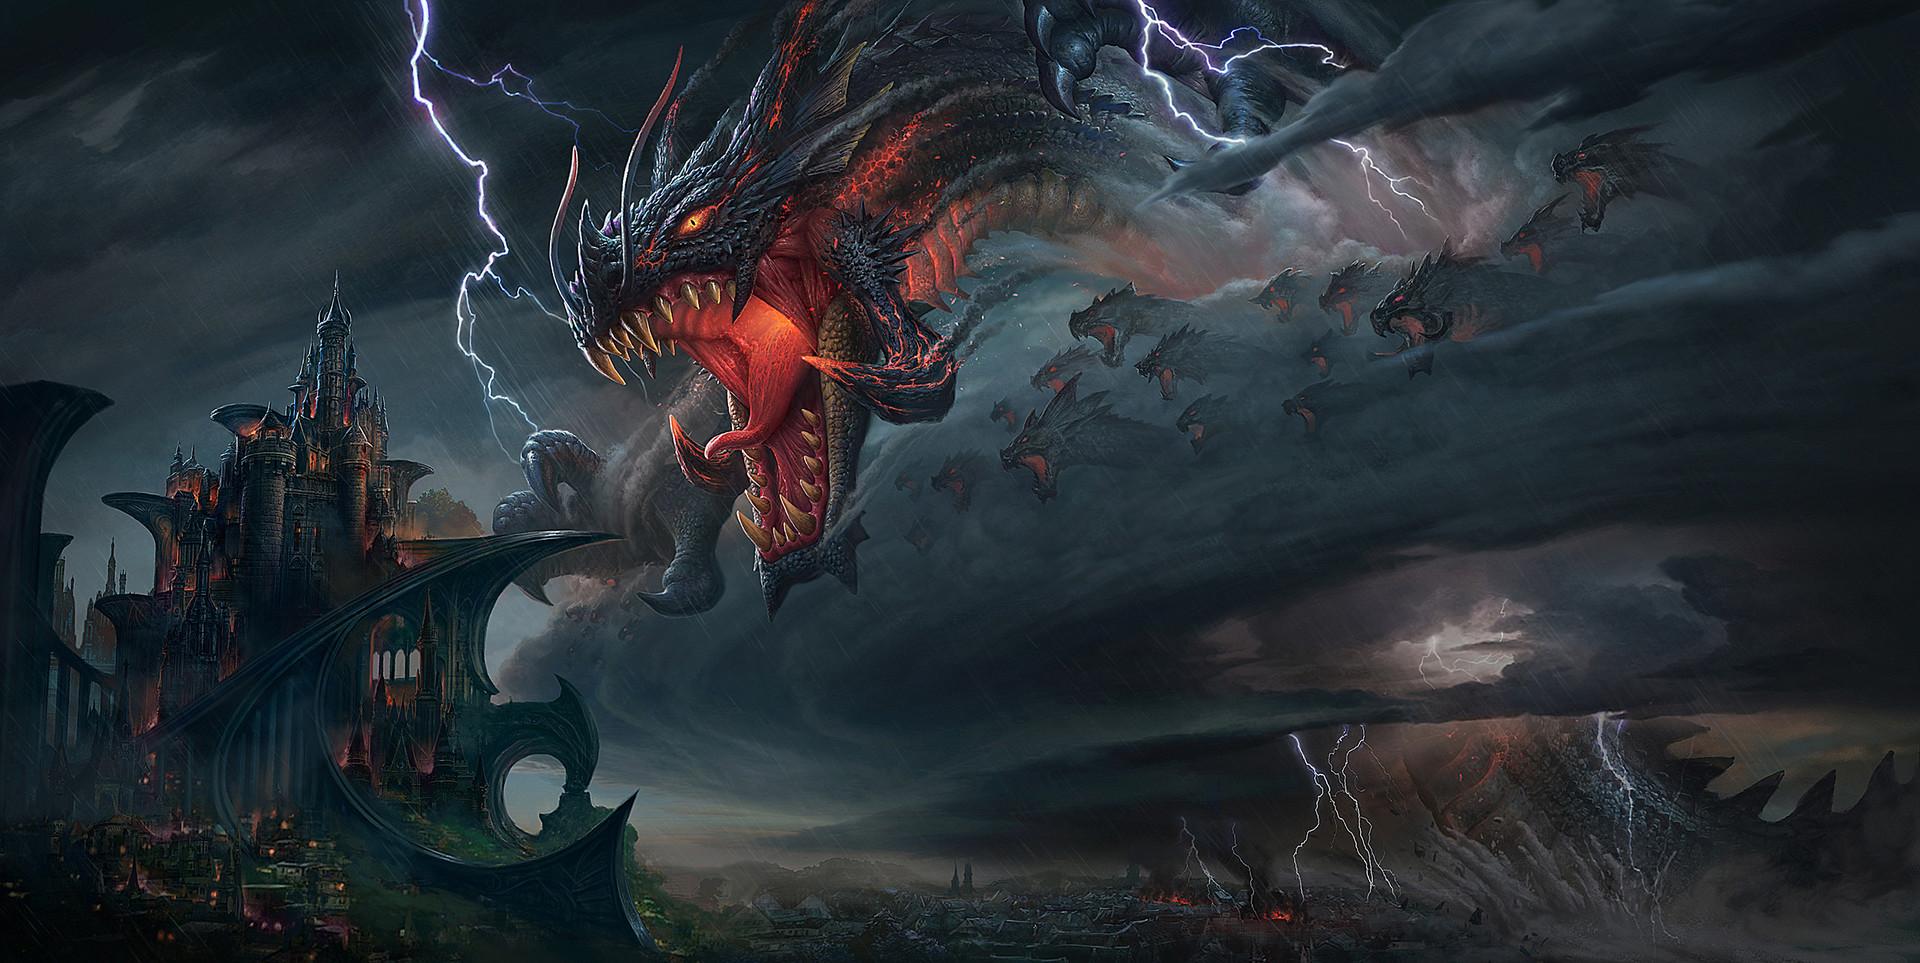 huge dragon